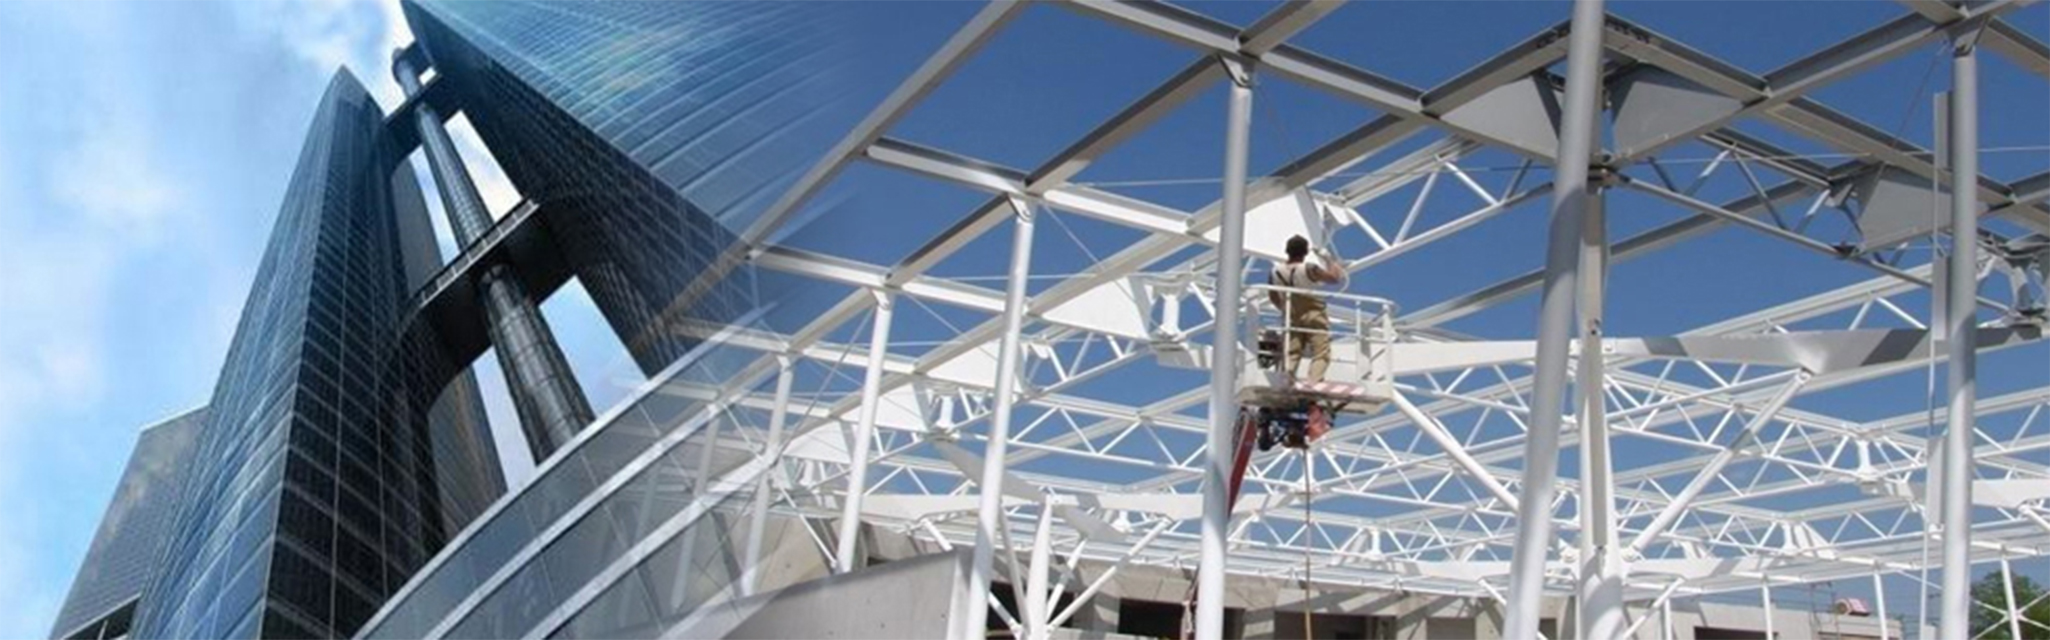 محافظت در برابر حریق سازه های فلزی ساختمانی و صنعتی،  کیفیت بالای محصولات مطابق با استانداردهای بین المللی و اخذ تاییدیه از سازمان آتش نشانی